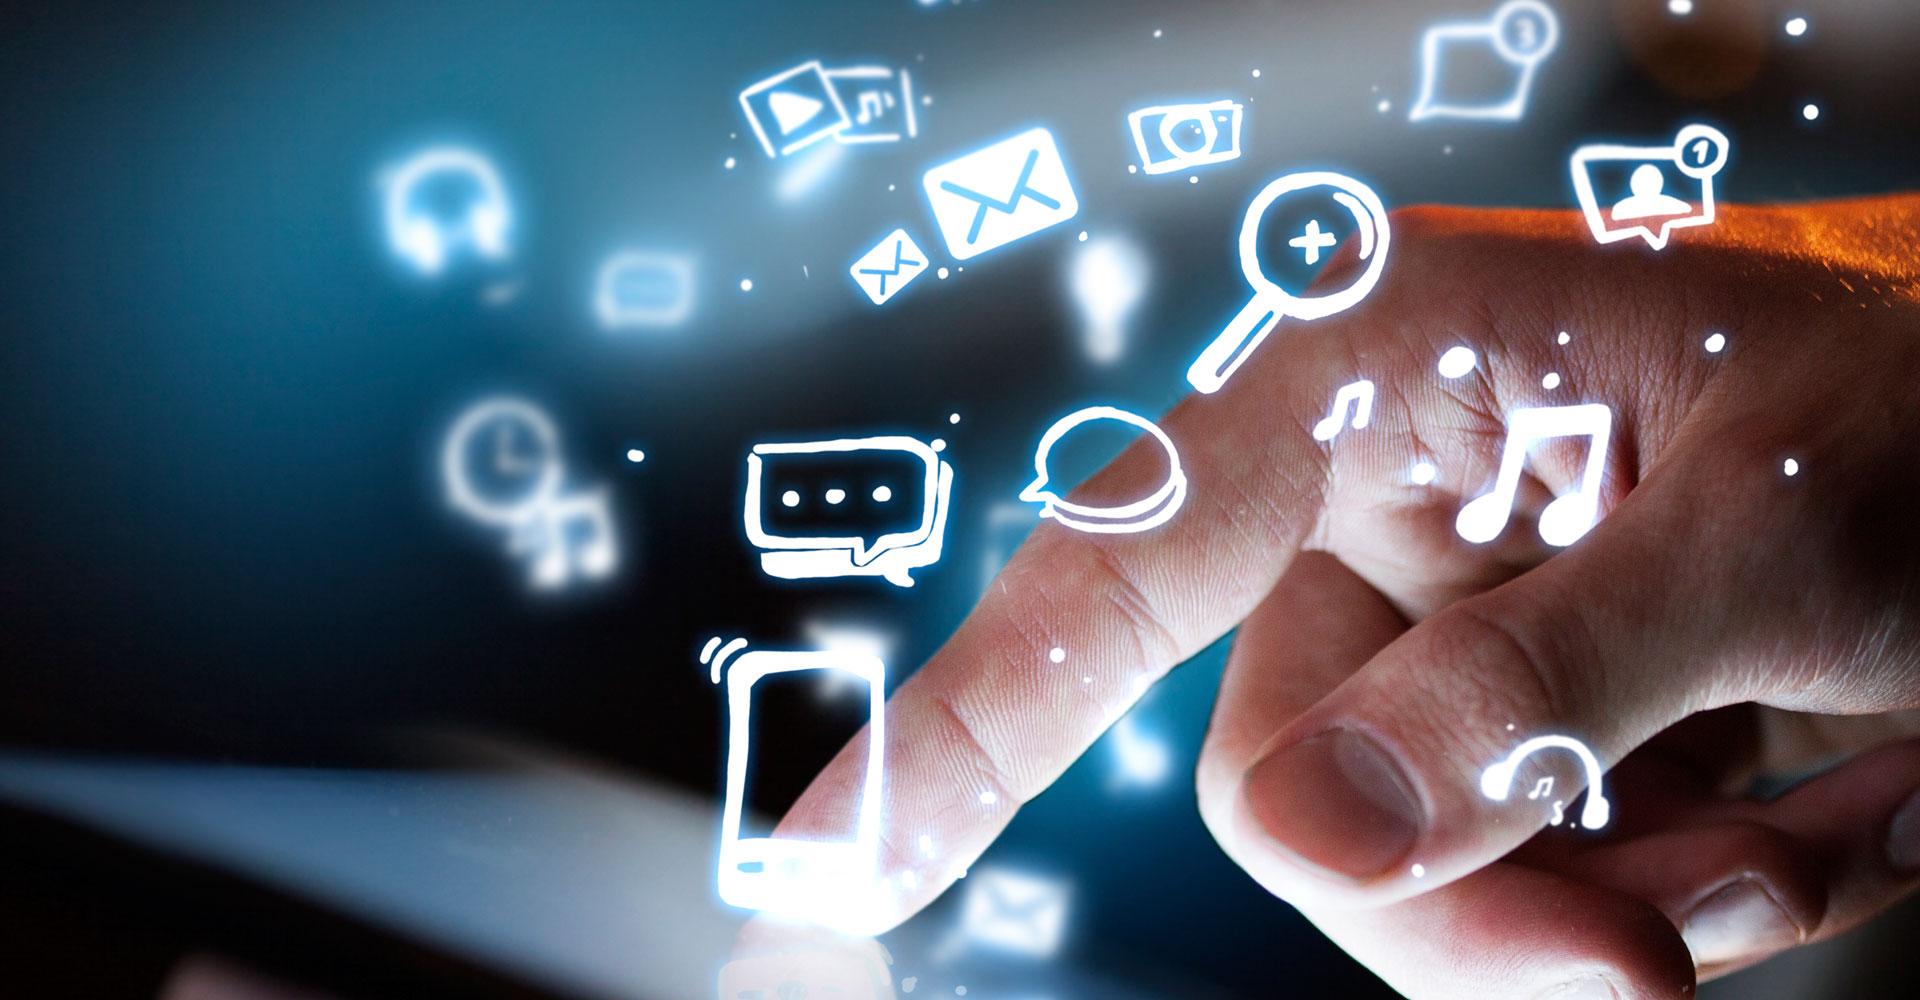 software development jobs telecommute